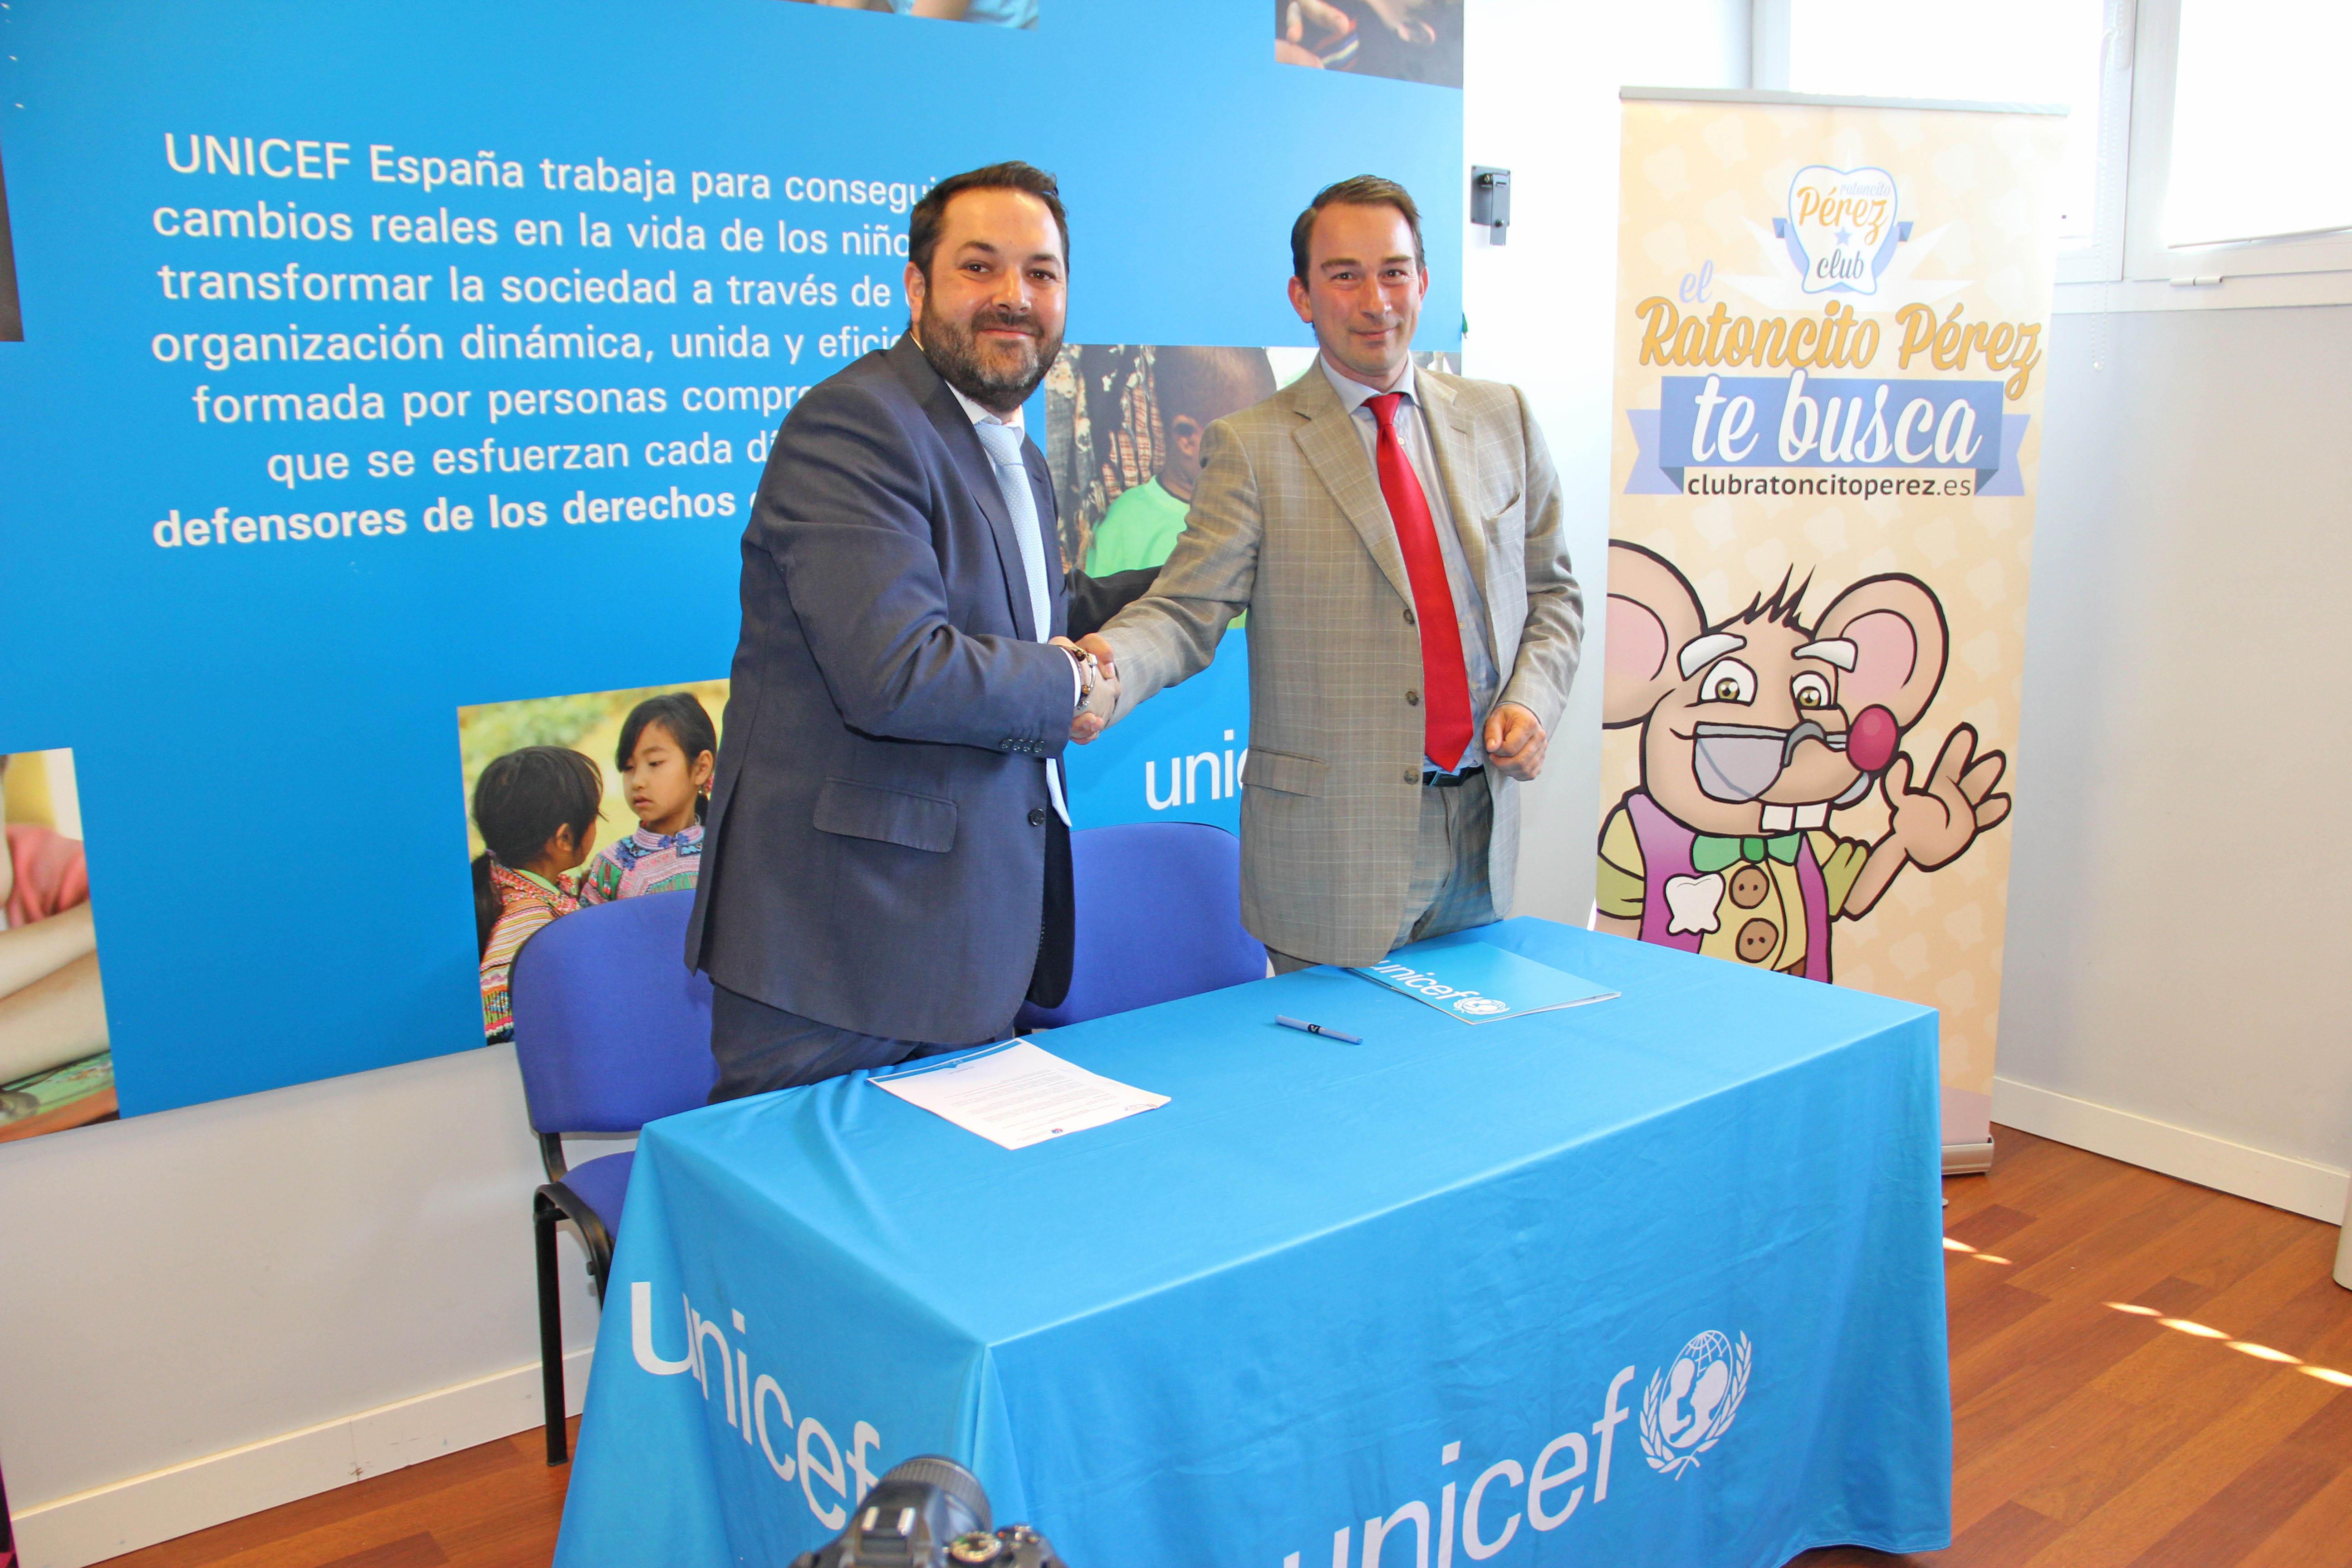 Firma acuerdo Club Ratoncito Perez con Clínicas Solidarias Unicef